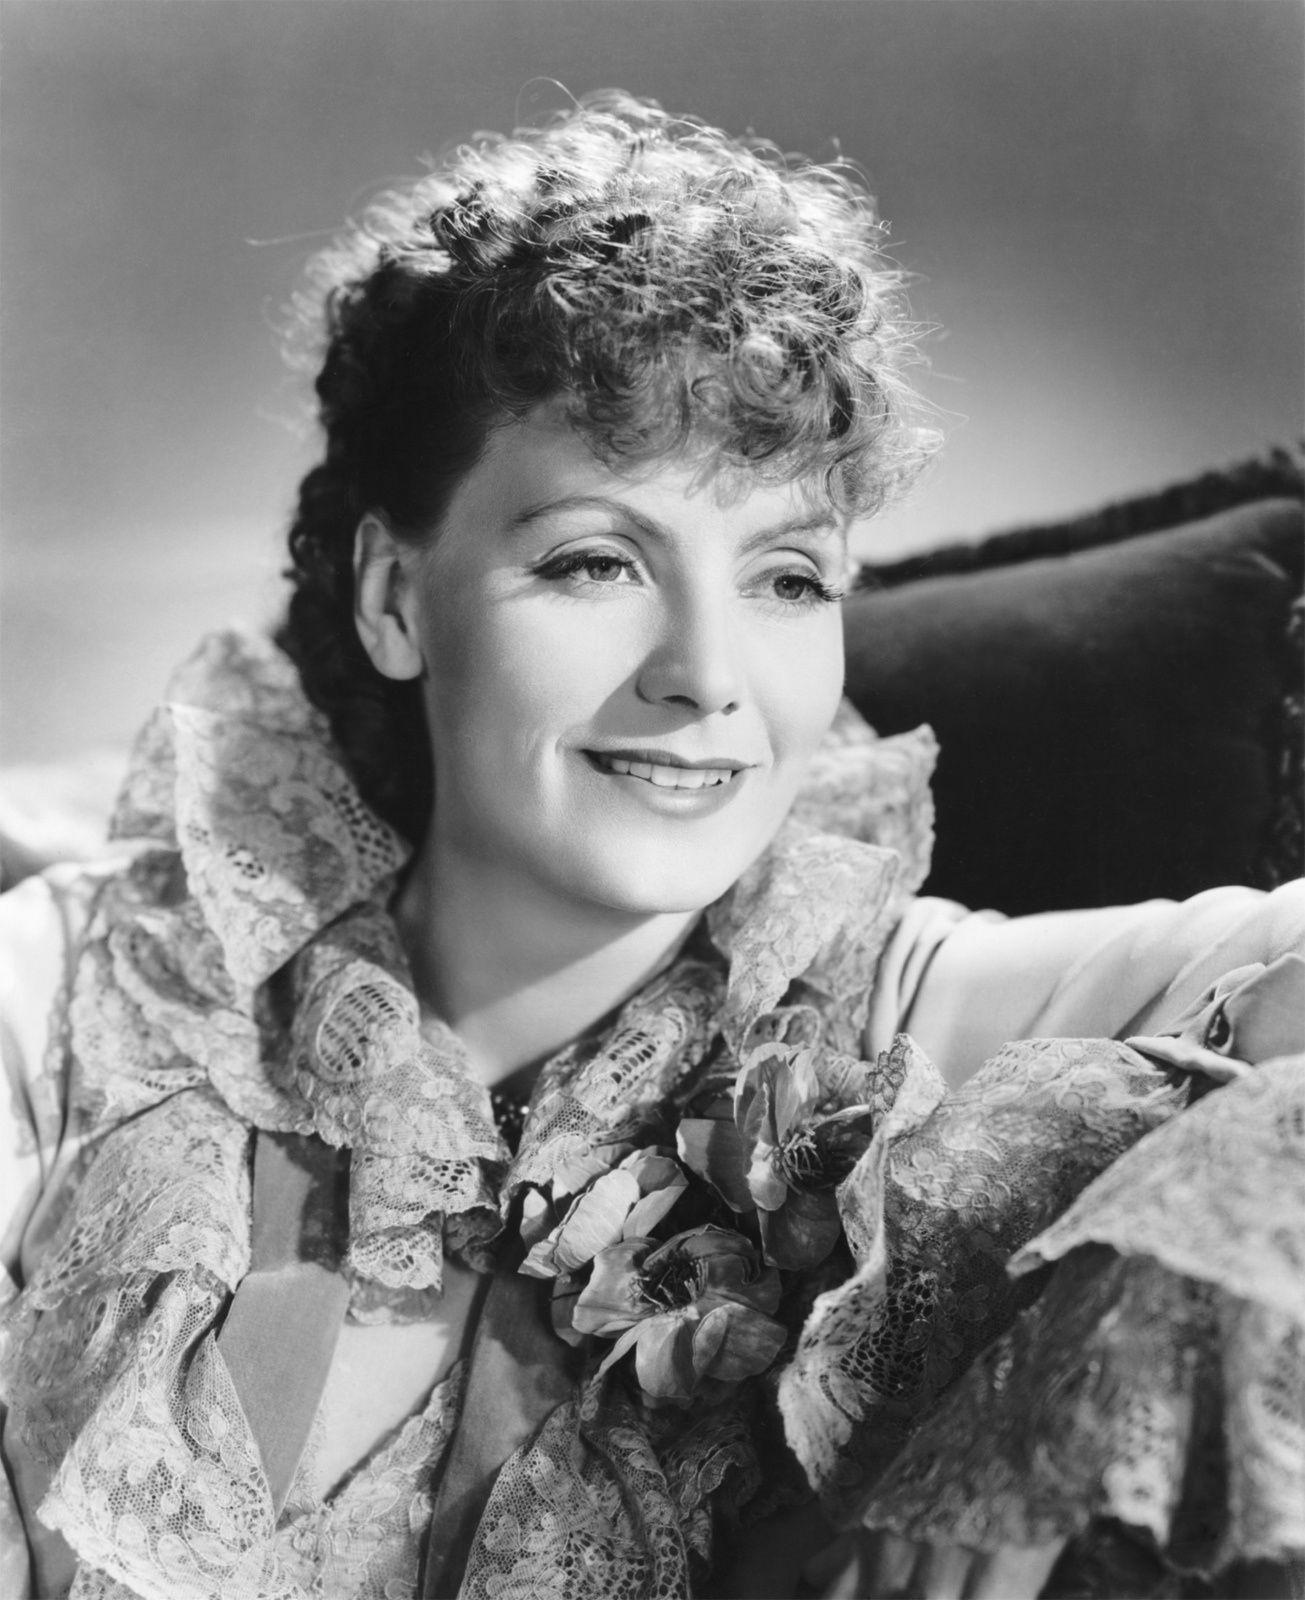 ANNA KARENINA (Clarence Brown 1955)